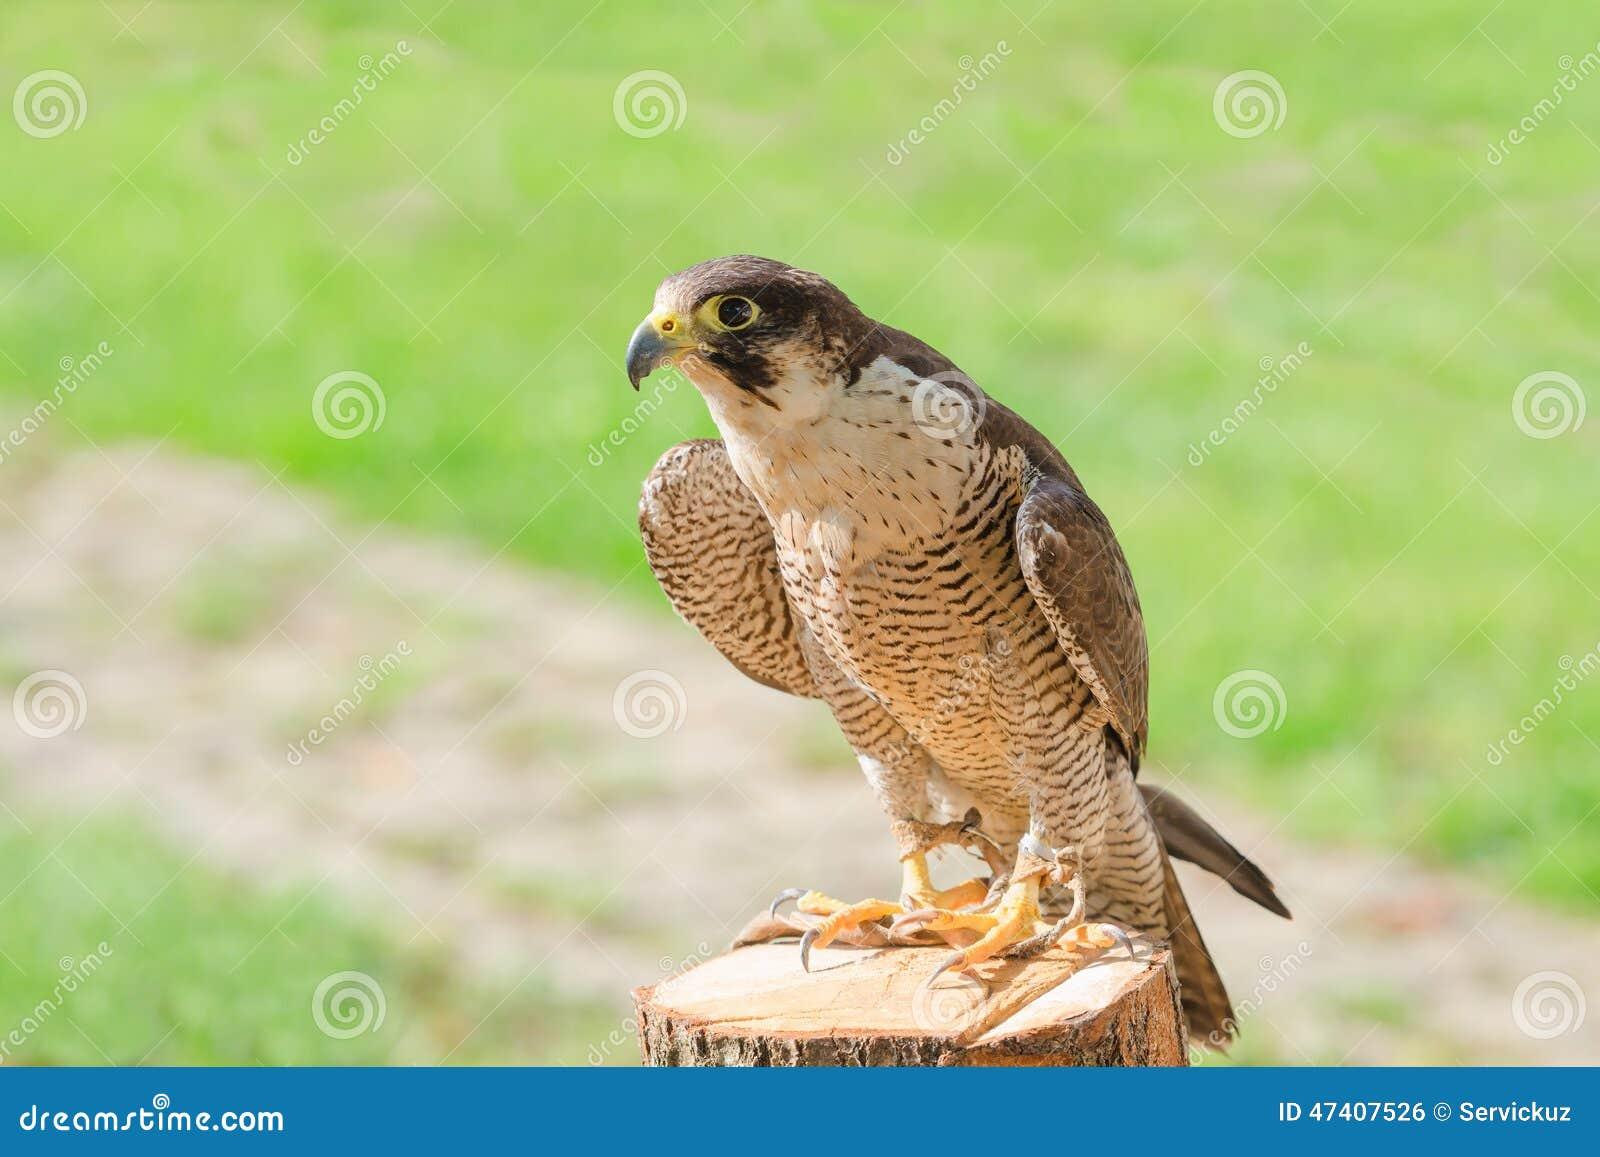 Εκπαιδευμένος εξημερωμένος για το γεράκι ή το γεράκι πουλιών αρπακτικών πτηνών κυνηγιού